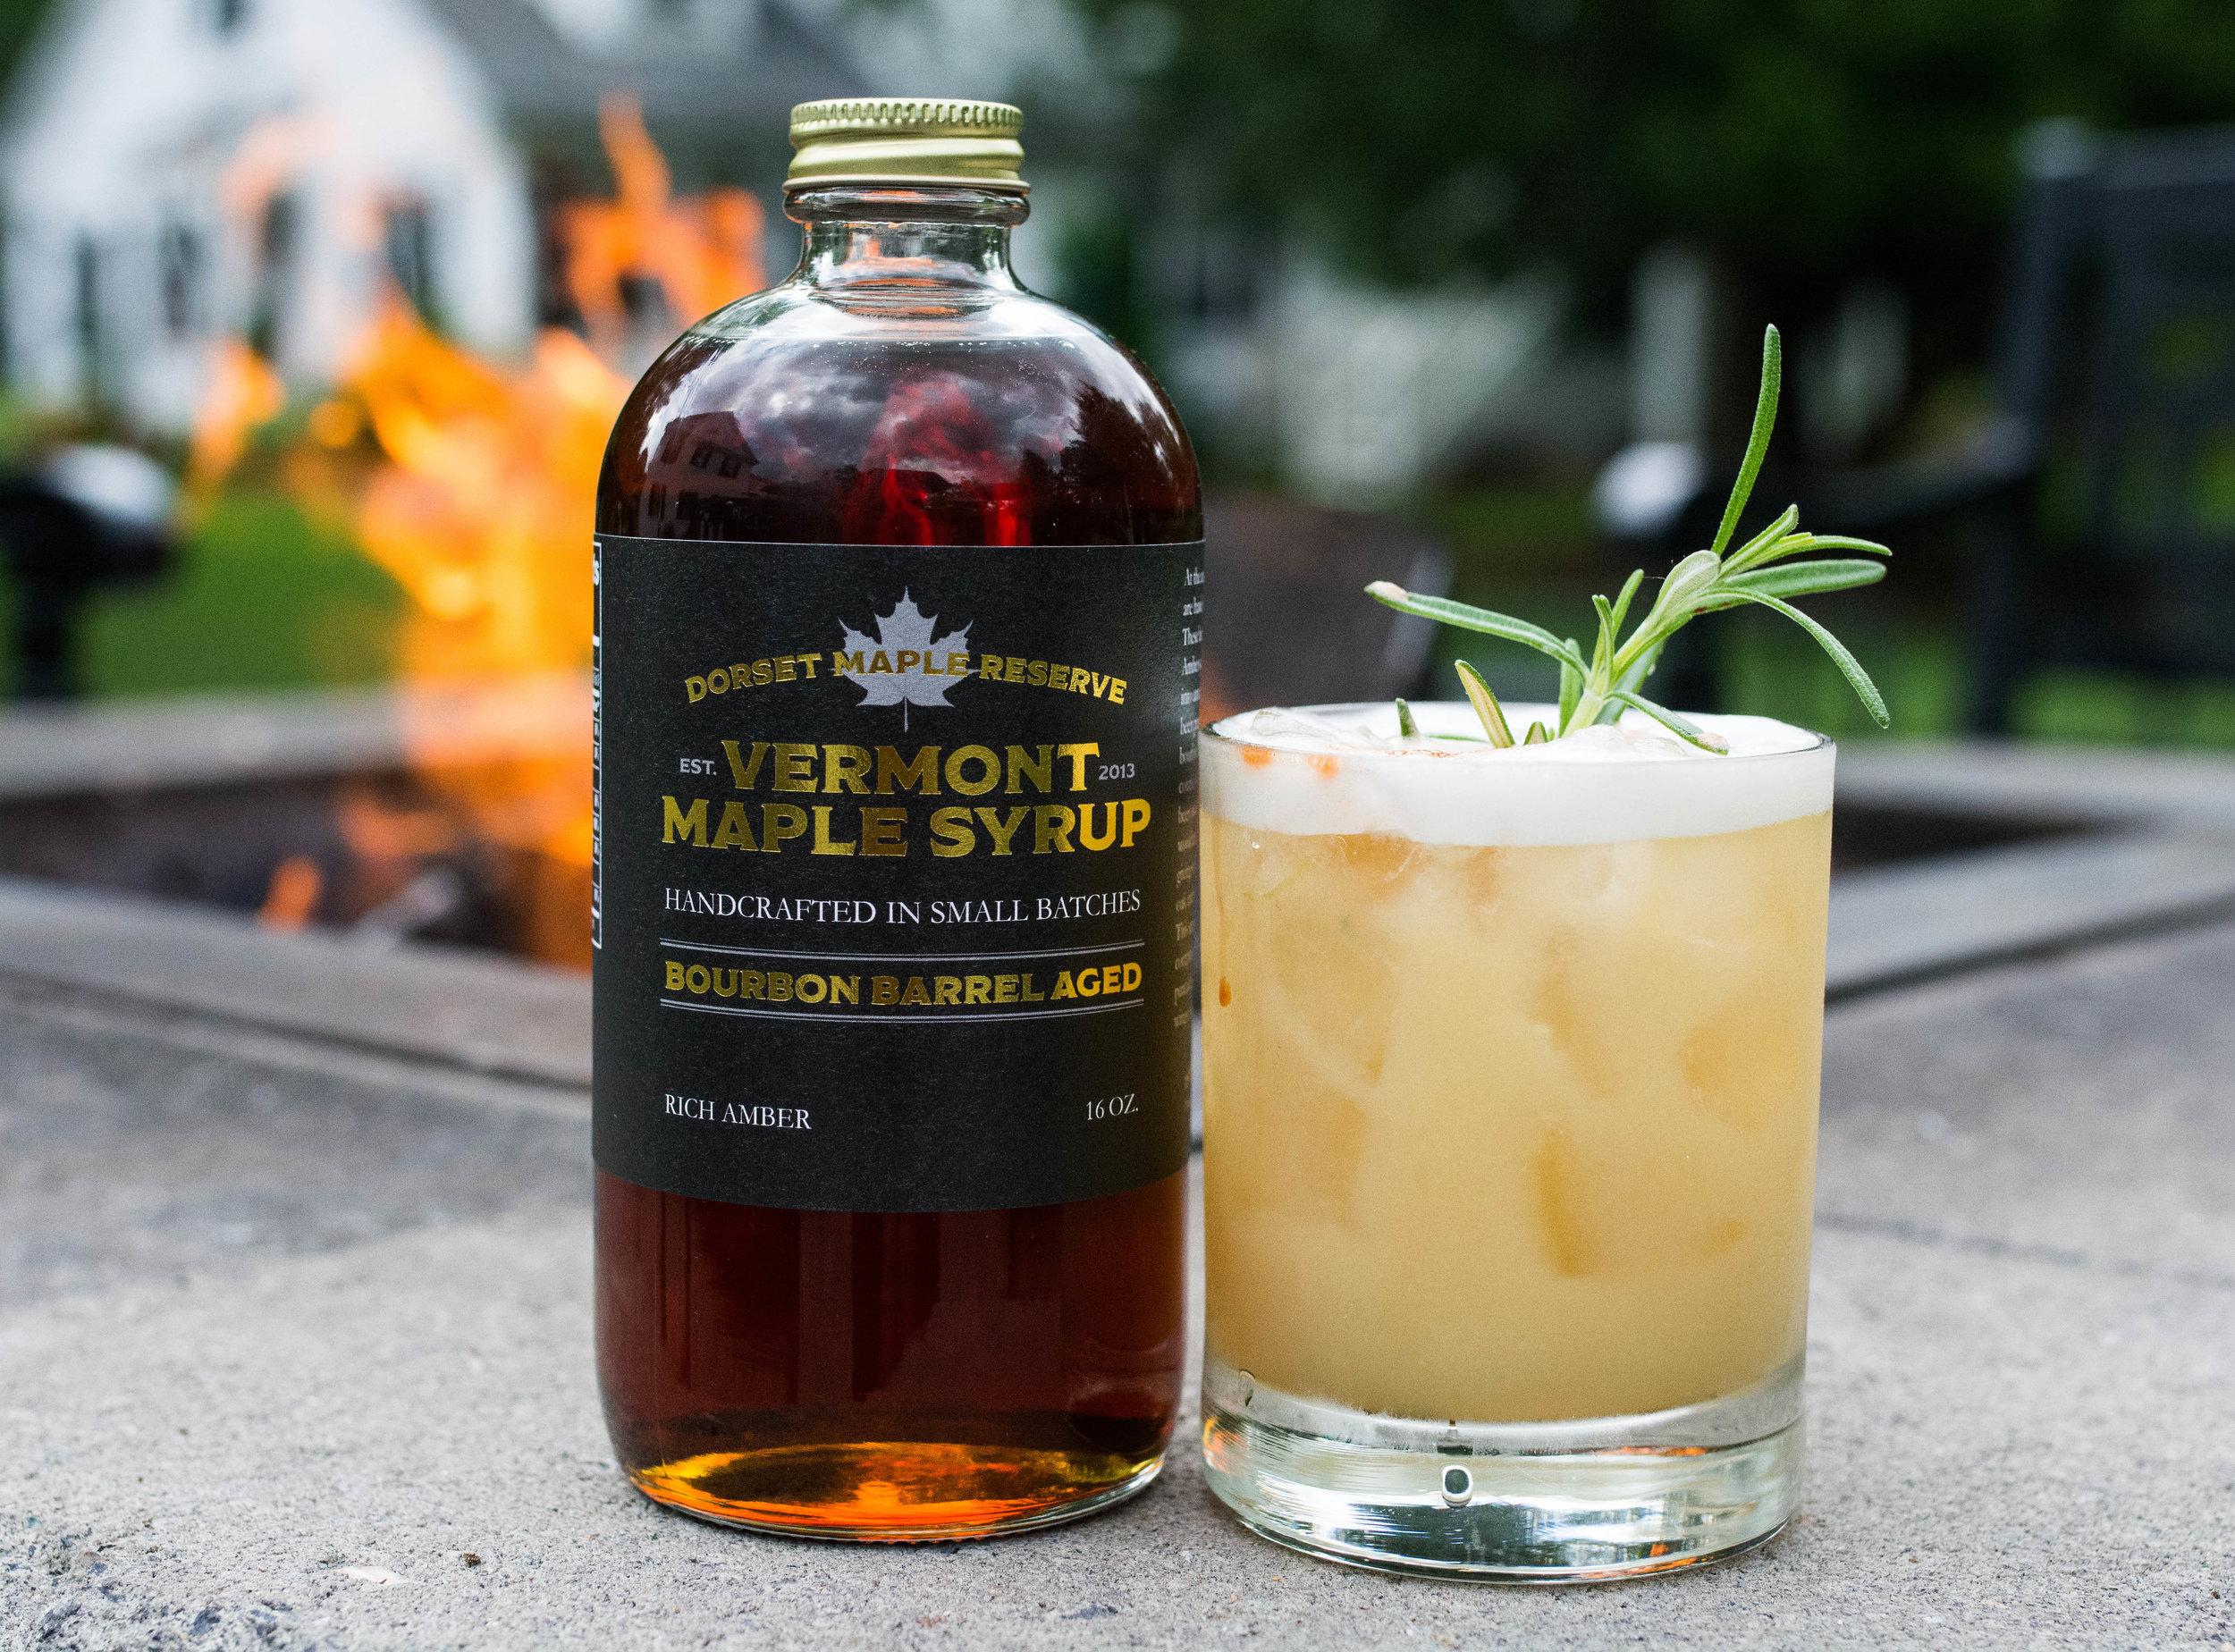 Rosemary Maple Sour - -muddle 1 sprig of rosemary-1 oz barrel aged maple syrup-1/2 oz fresh lemon squeezed-1 egg white (optional)-2 1/2oz makers mark bourbonShake vigorously and strain over ice. Garnish with fresh rosemary sprig.